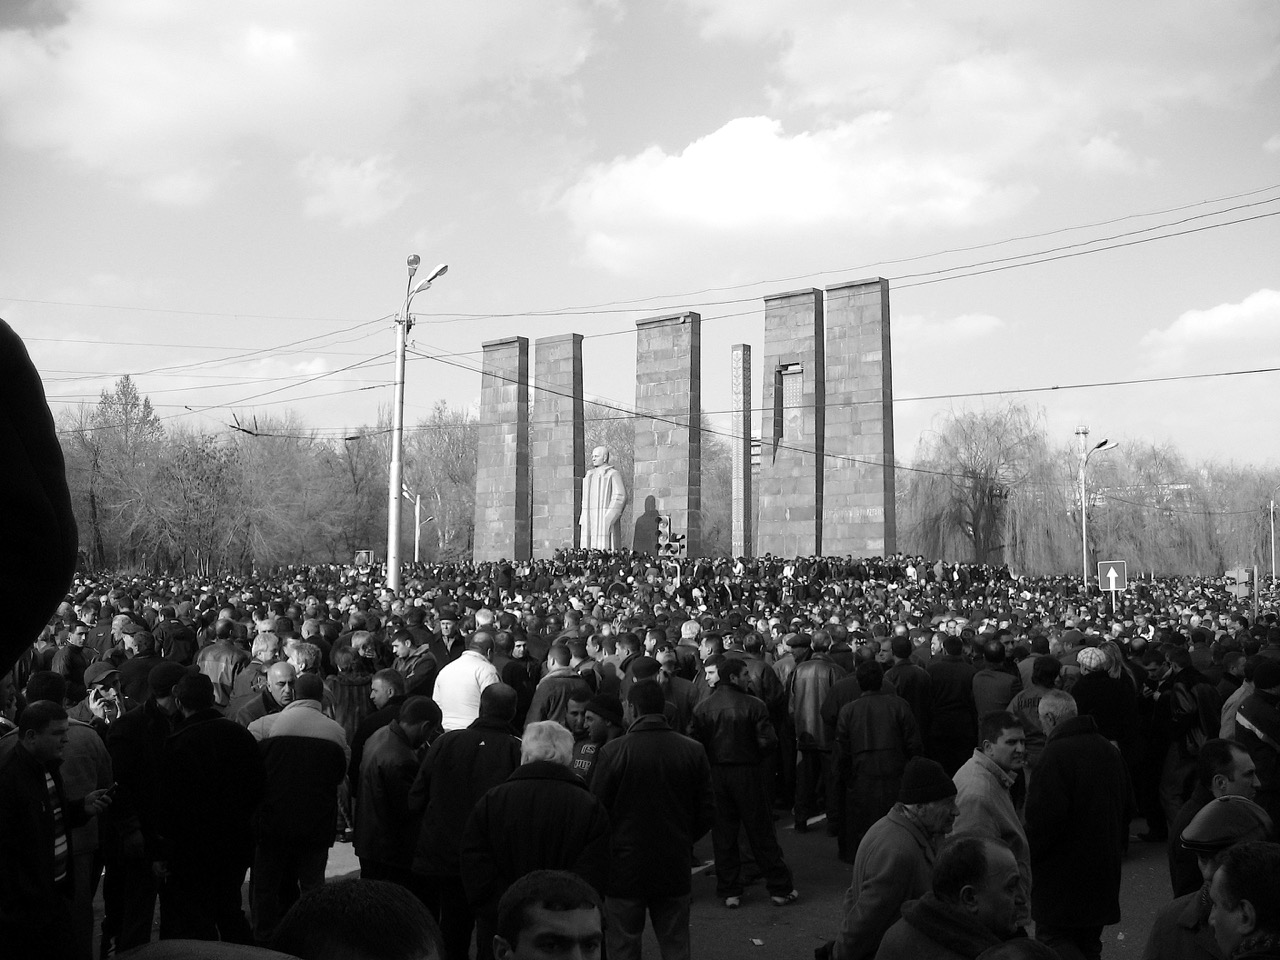 Foto: Mjasnikjan-Denkmal. Aus: Eriwan. Kapitel 3. Aufzeichnungen aus Armenien von Marc Degens.